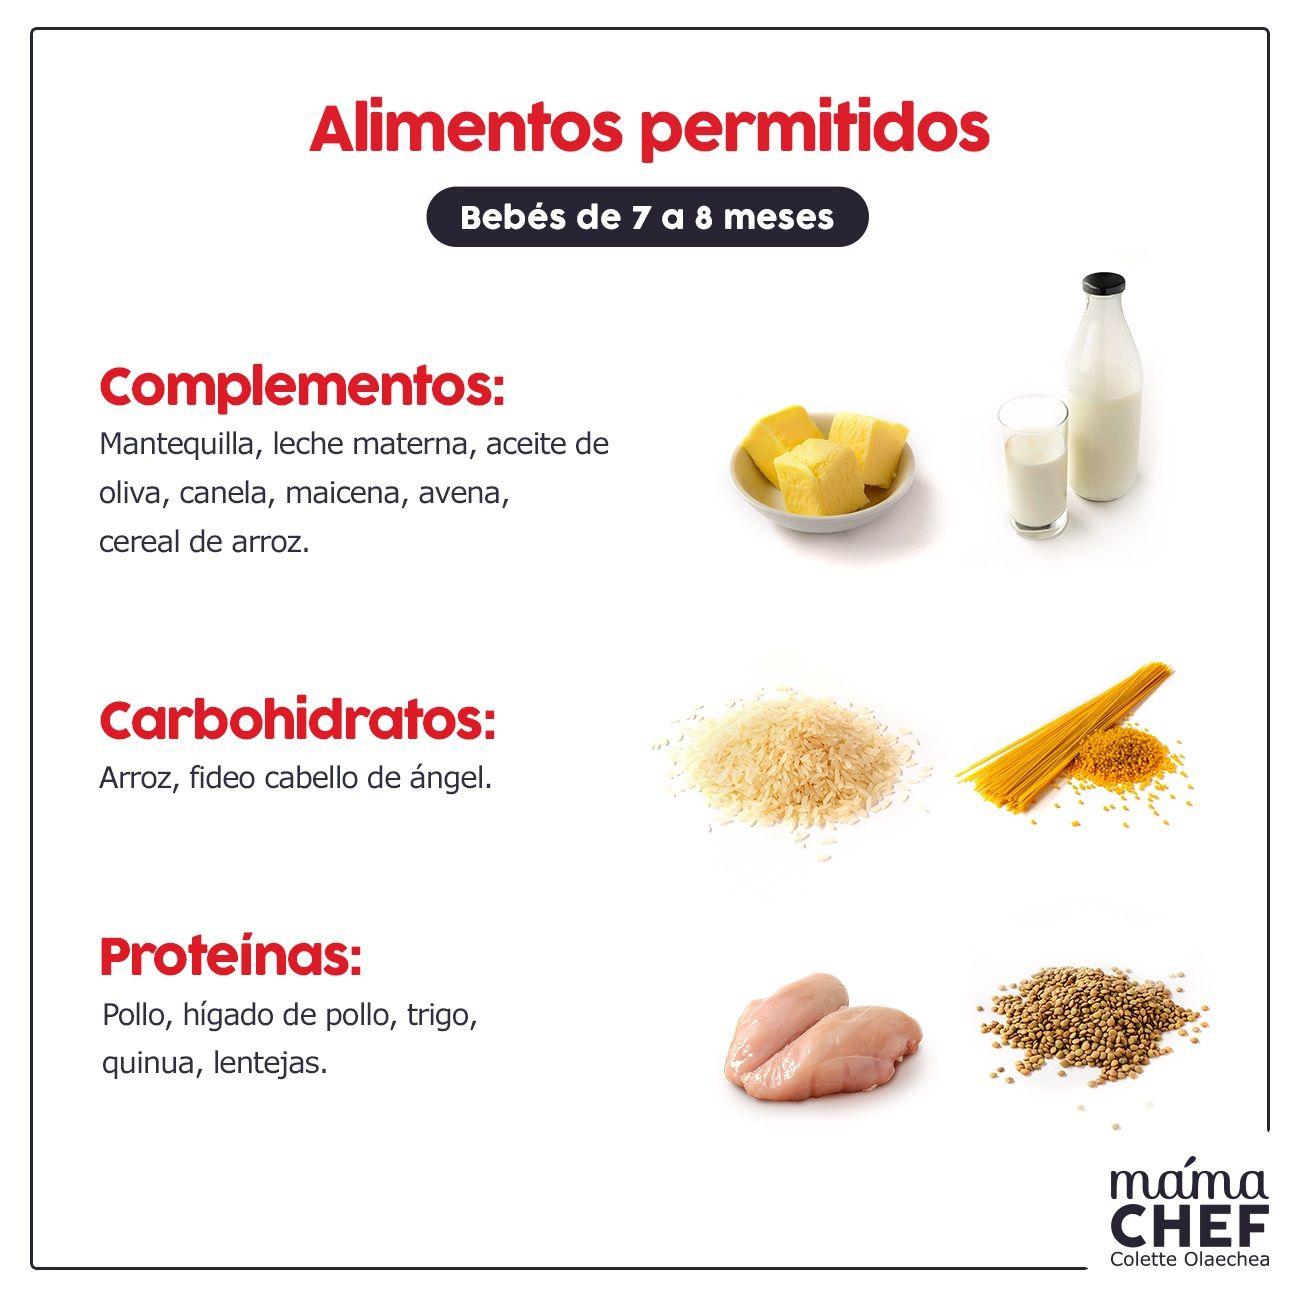 Alimentos permitidos complementos papillas papilla bebes 7 meses mama chef colette olaechea - Alimentos bebe 8 meses ...